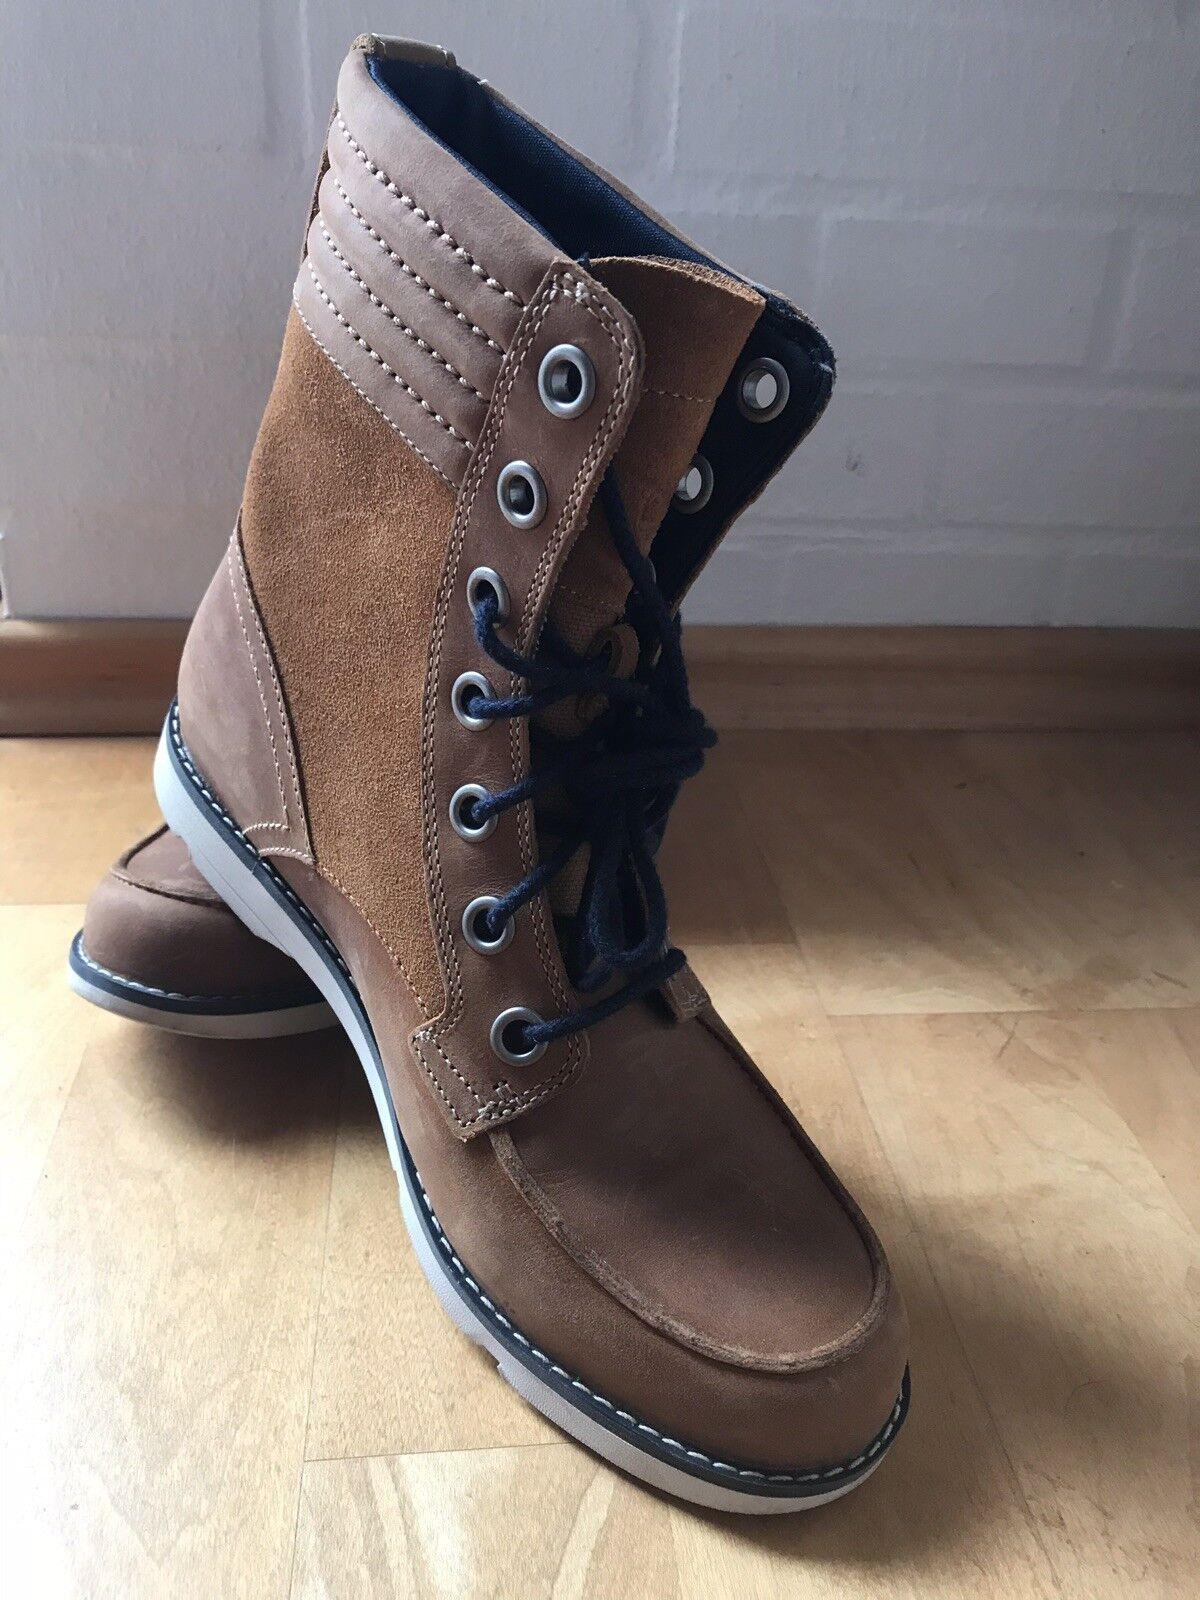 TIMBERLAND  Stiefel  Damen 6,5  EU 37,5 NEU  OVP  | Vielfältiges neues Design